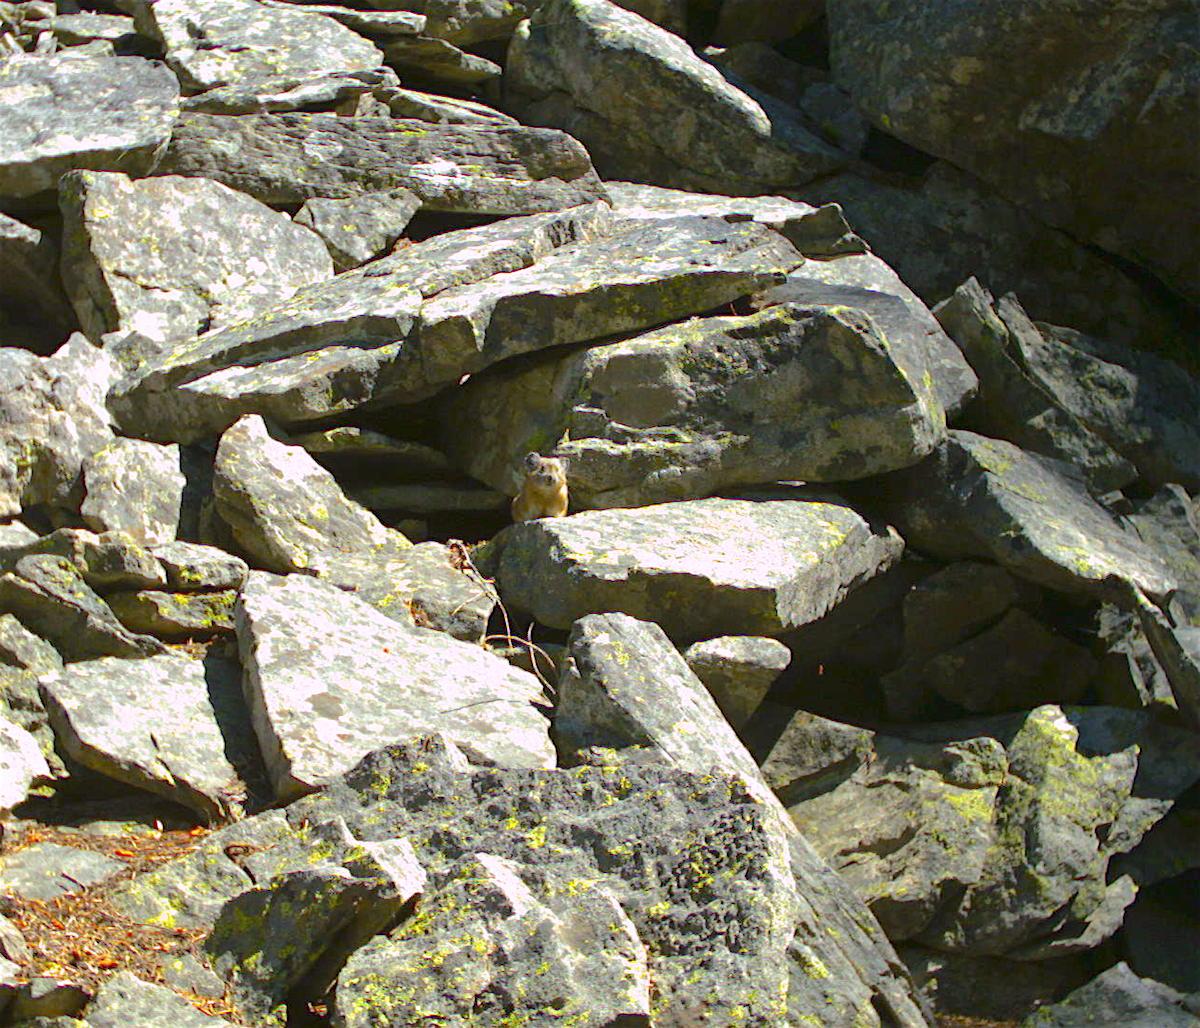 A pika at Vulture Rock